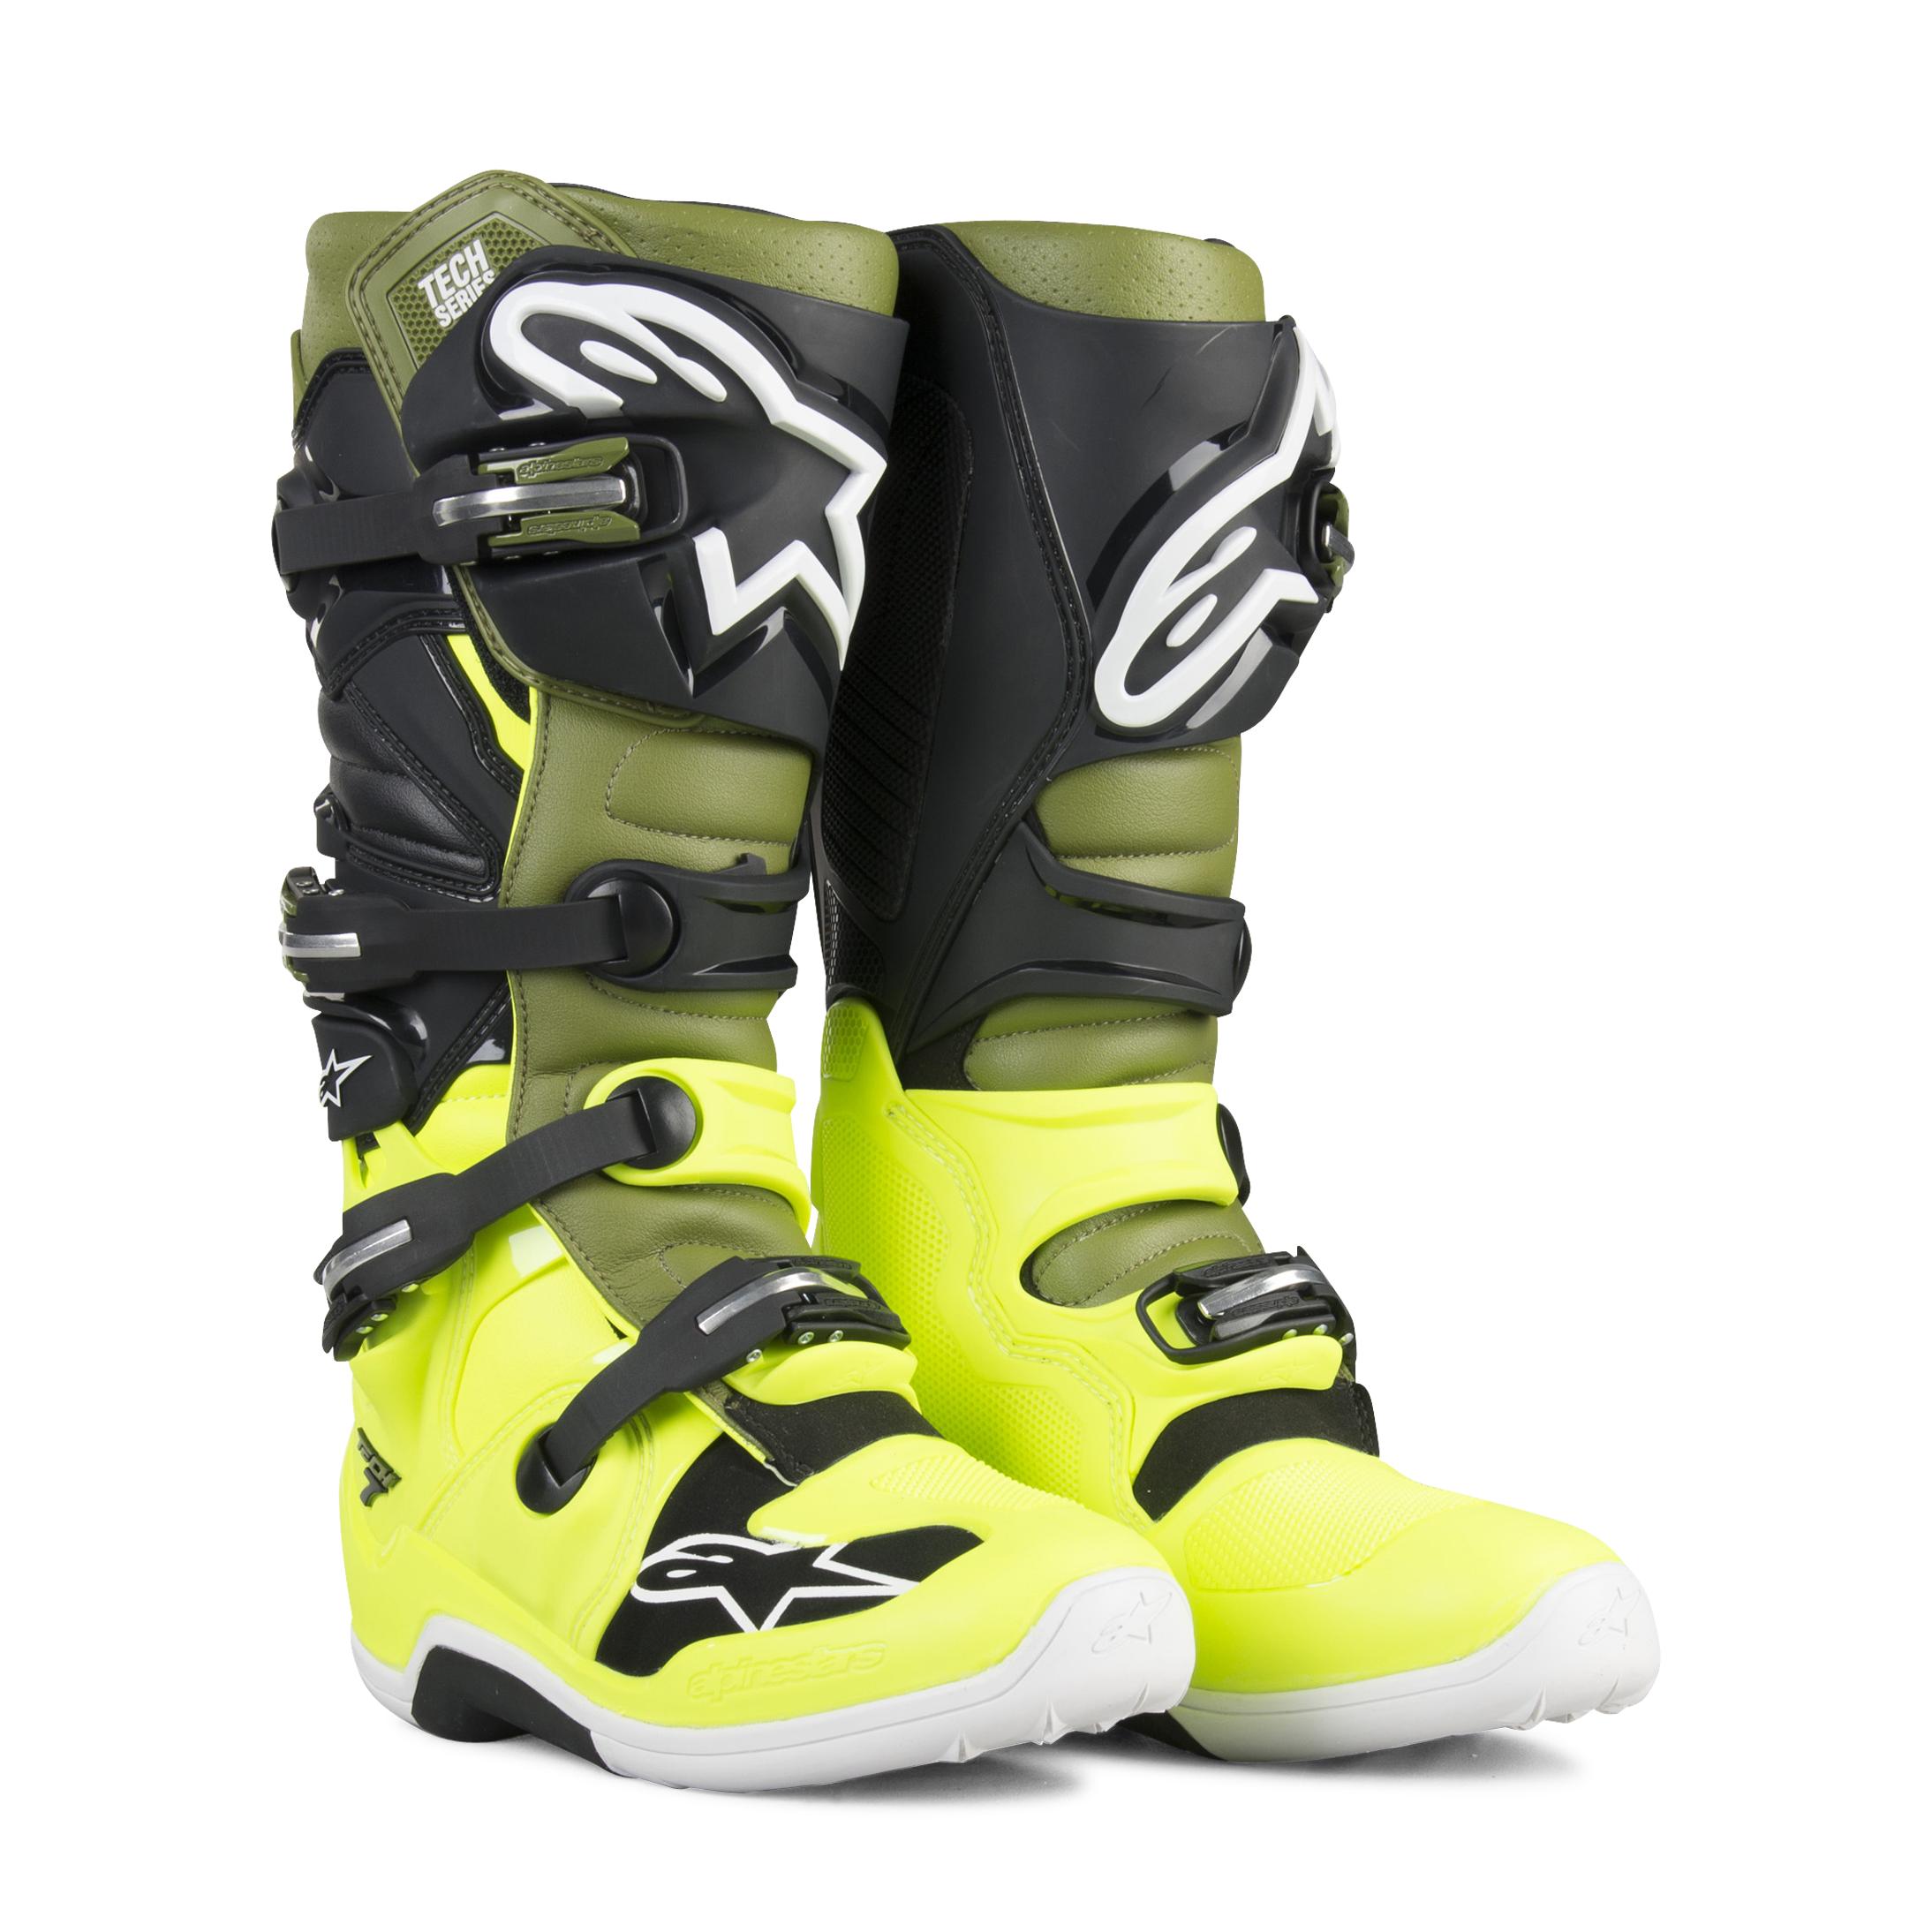 Alpinestars Stivali Cross  Tech 7 Giallo Fluo-Verde-Nero